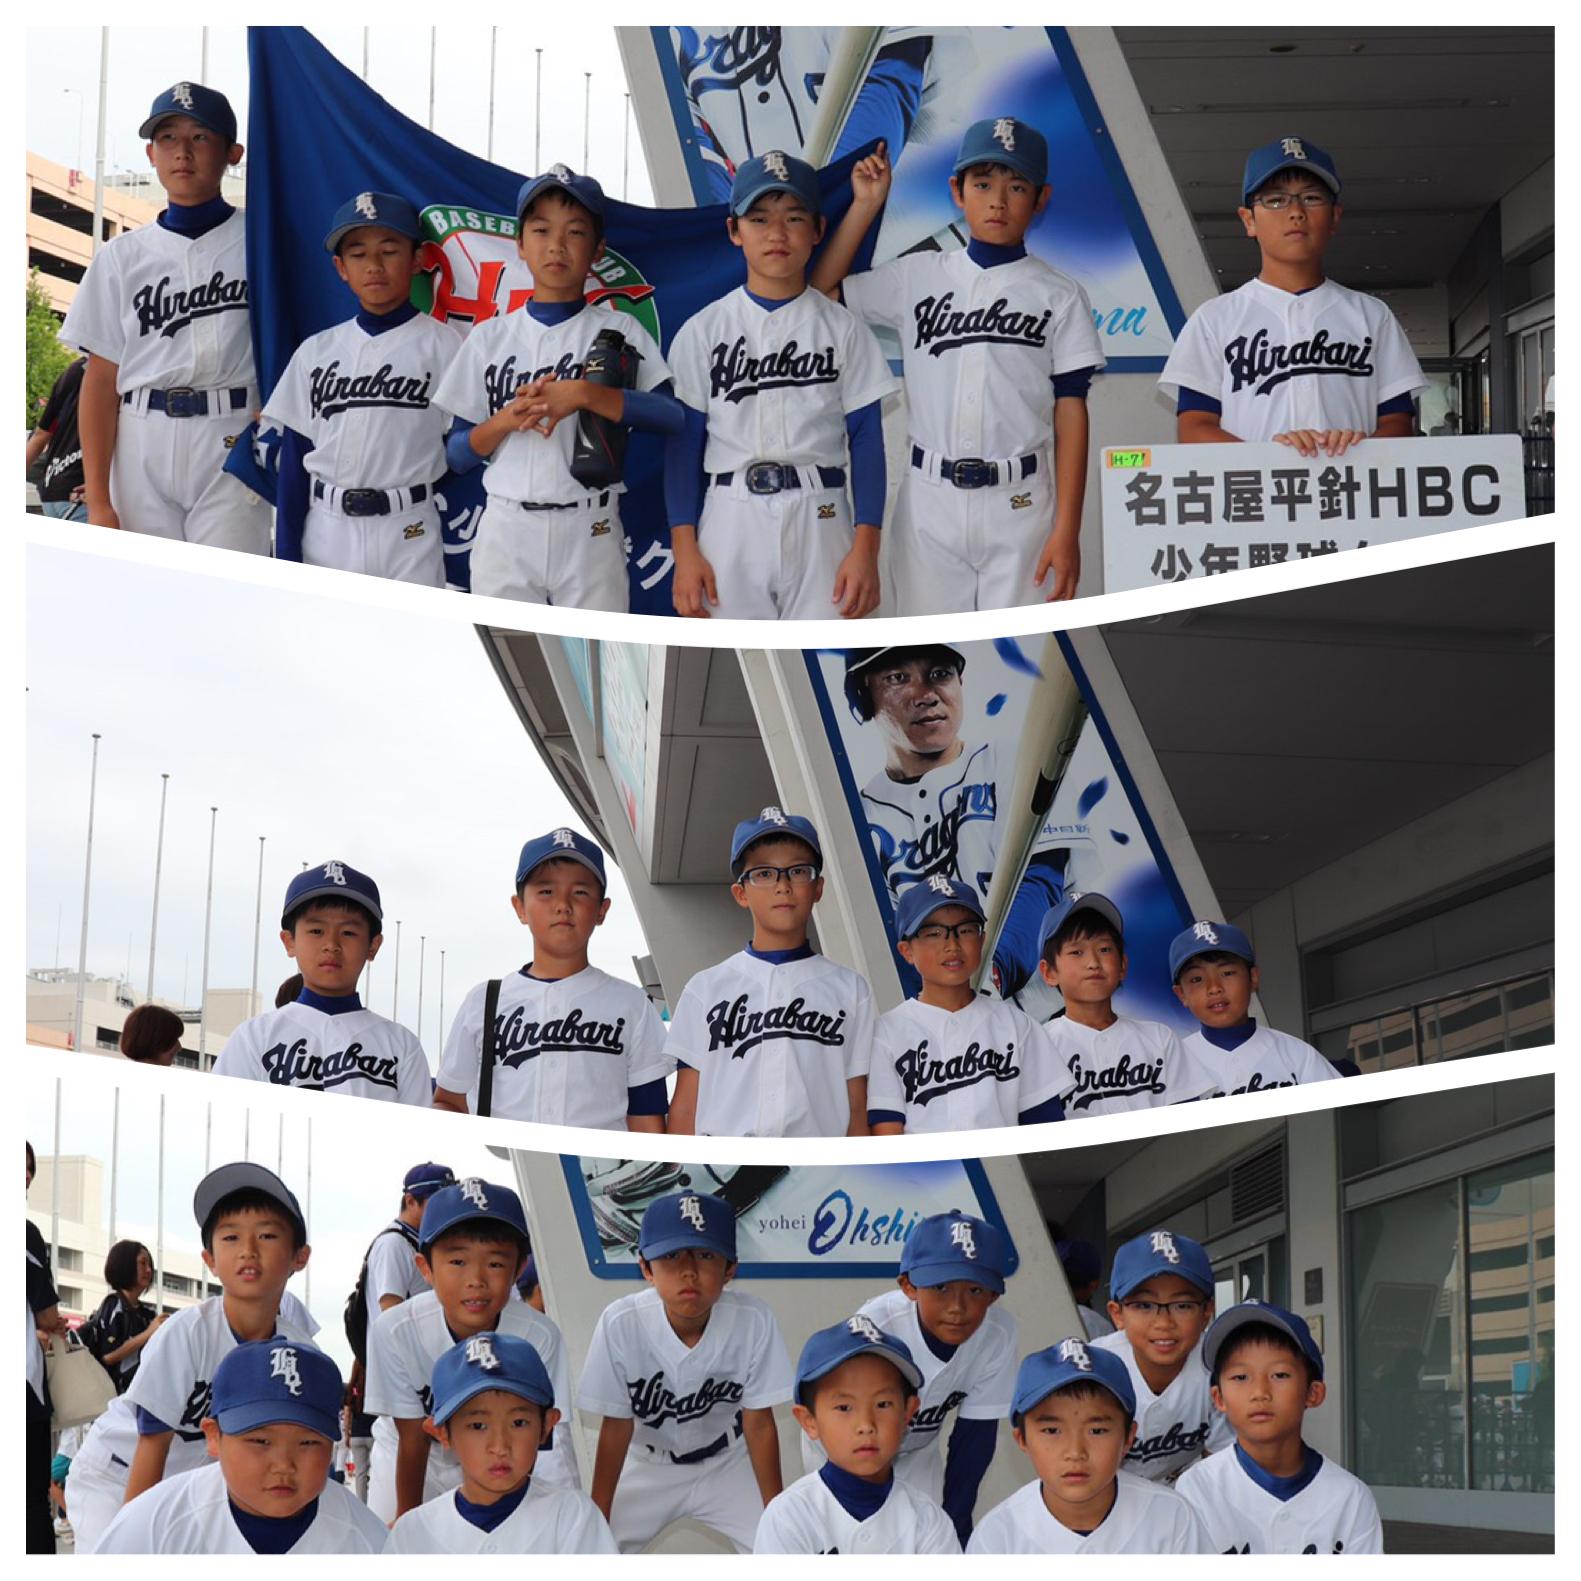 ⚾スポーツデポ杯開会式・ナゴヤドーム前にてチームごとに記念撮影(2019.7.15)⚾